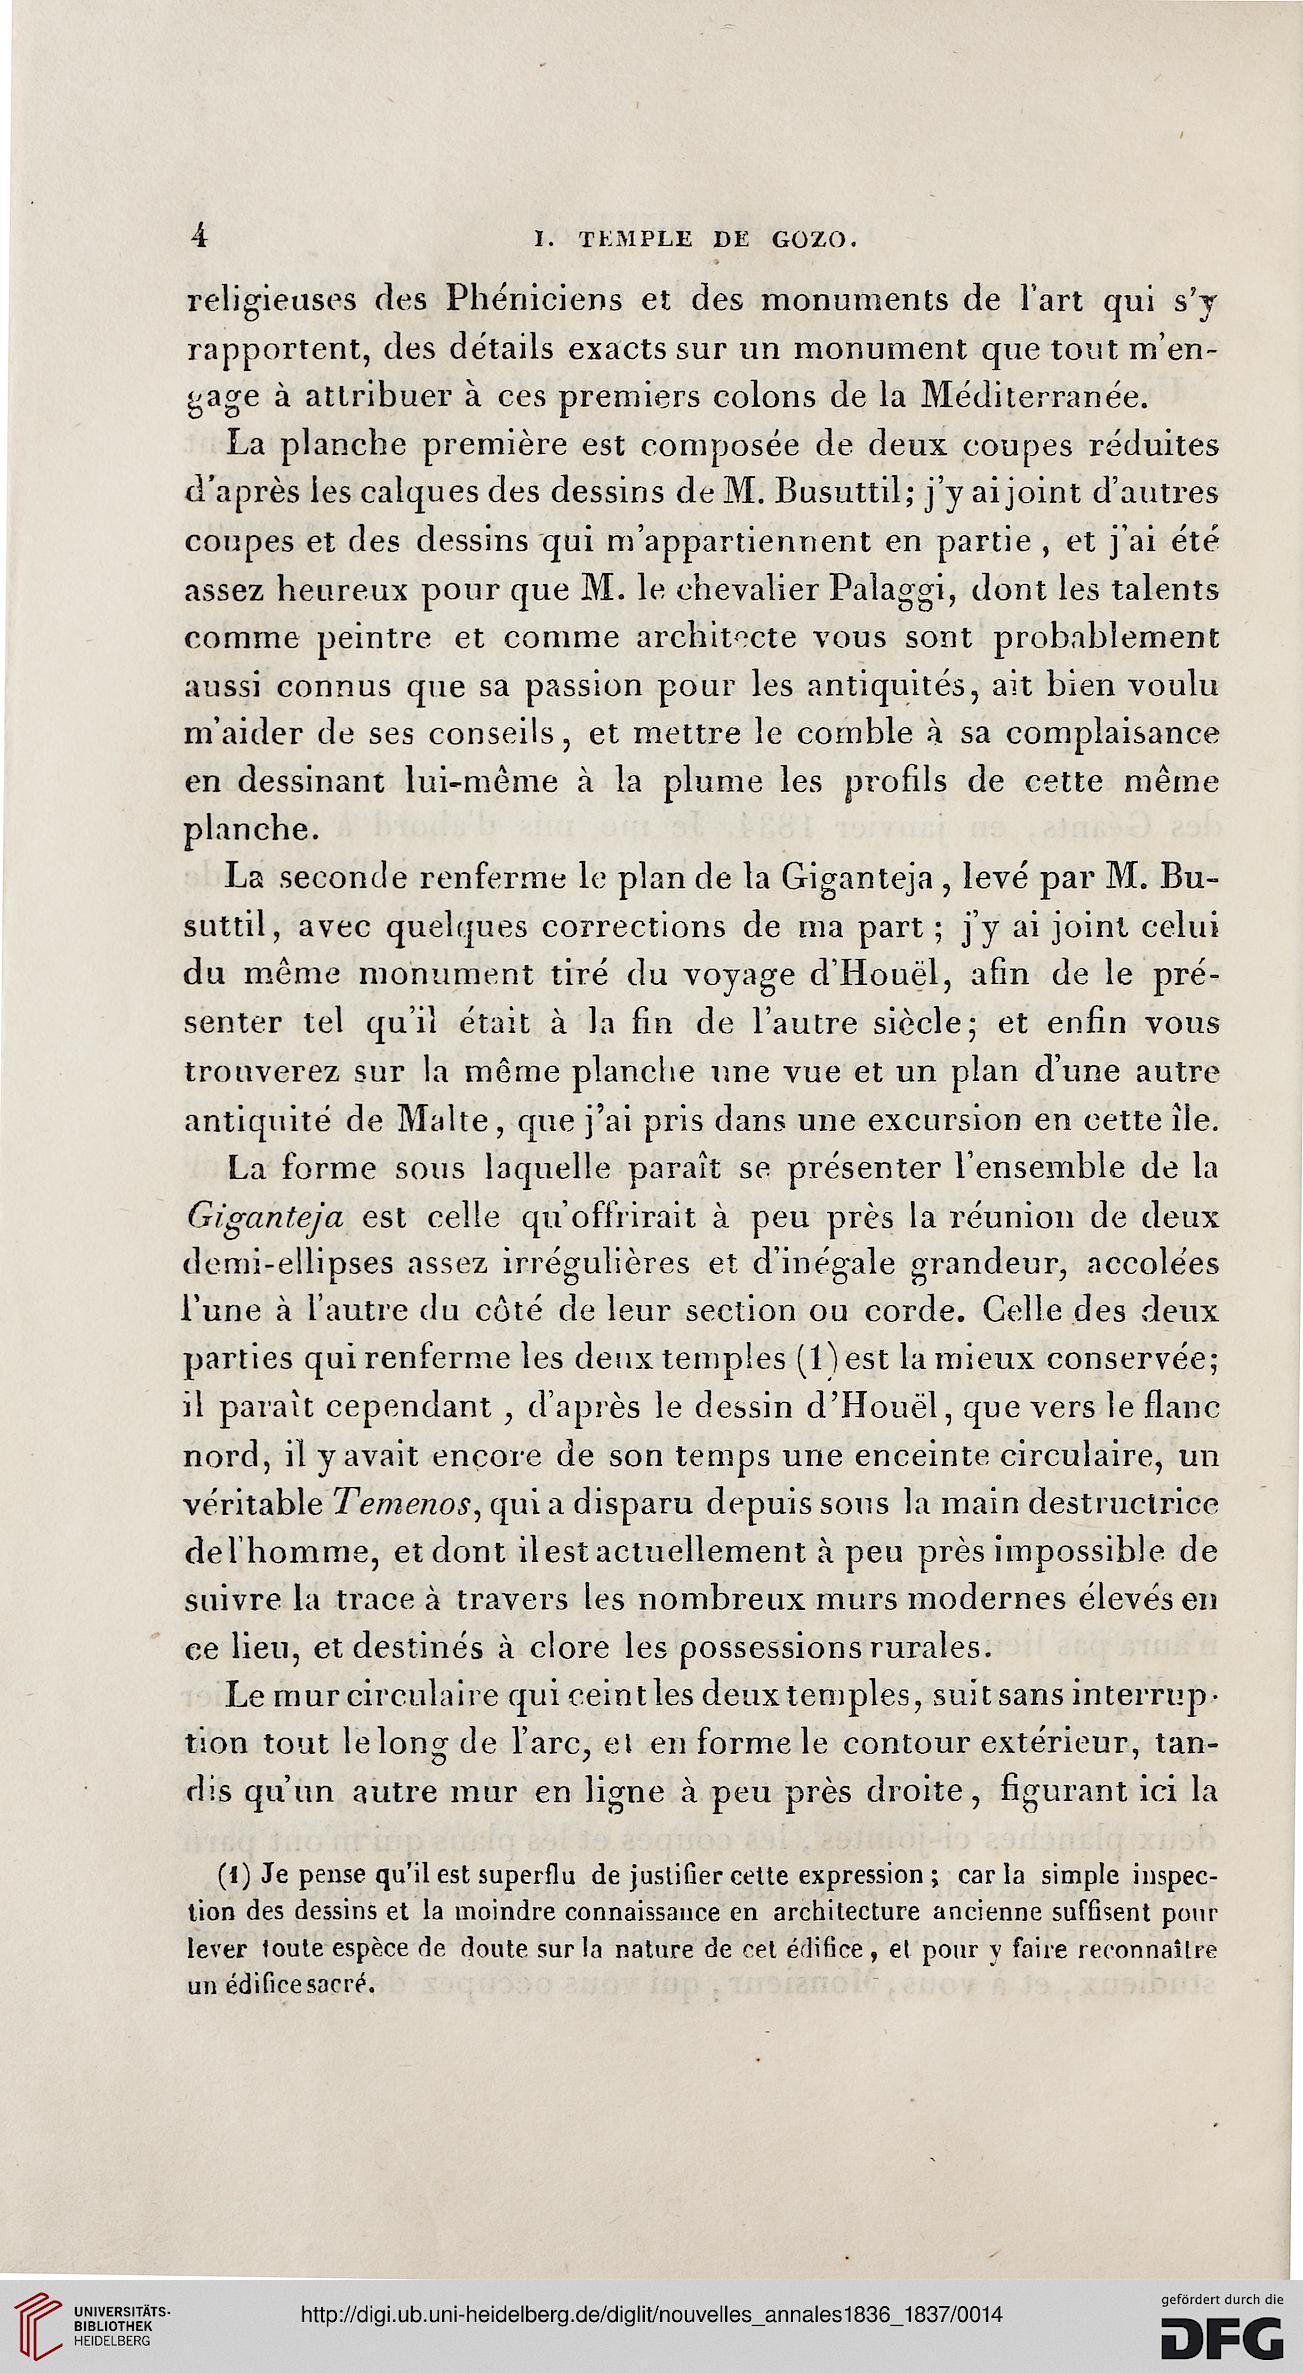 Institut hrsg paris paris Archéologique Française Section FqOHUzwxZ